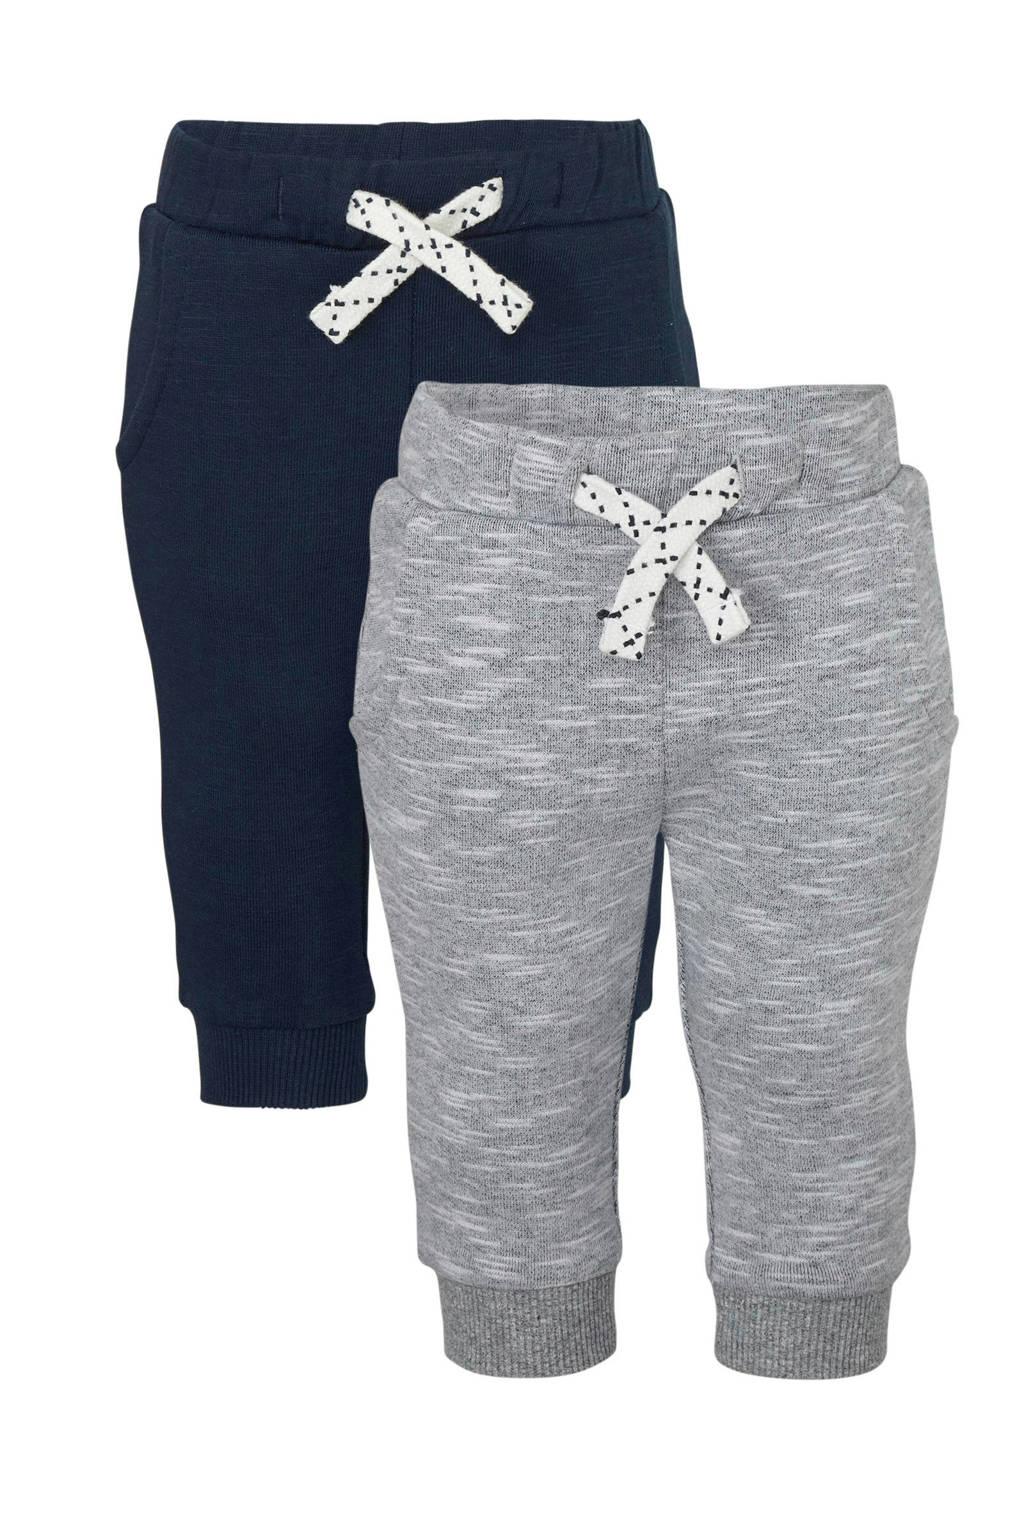 C&A Baby Club   baby joggingbroek grijs/donkerblauw - set van 2, Grijs/donkerblauw